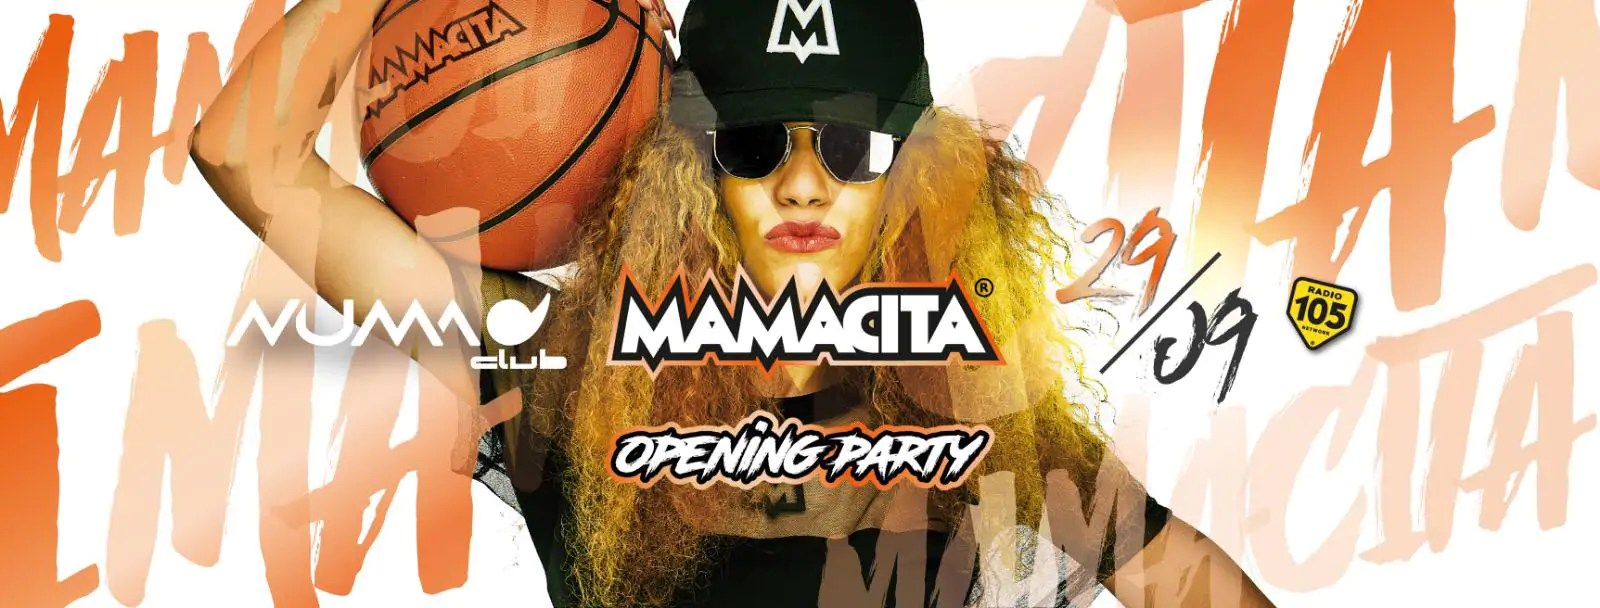 Mamacita Party at Numa Club Bologna – 29 Settembre 2018 | Ticket Tavoli Pacchetti hotel Prevendite